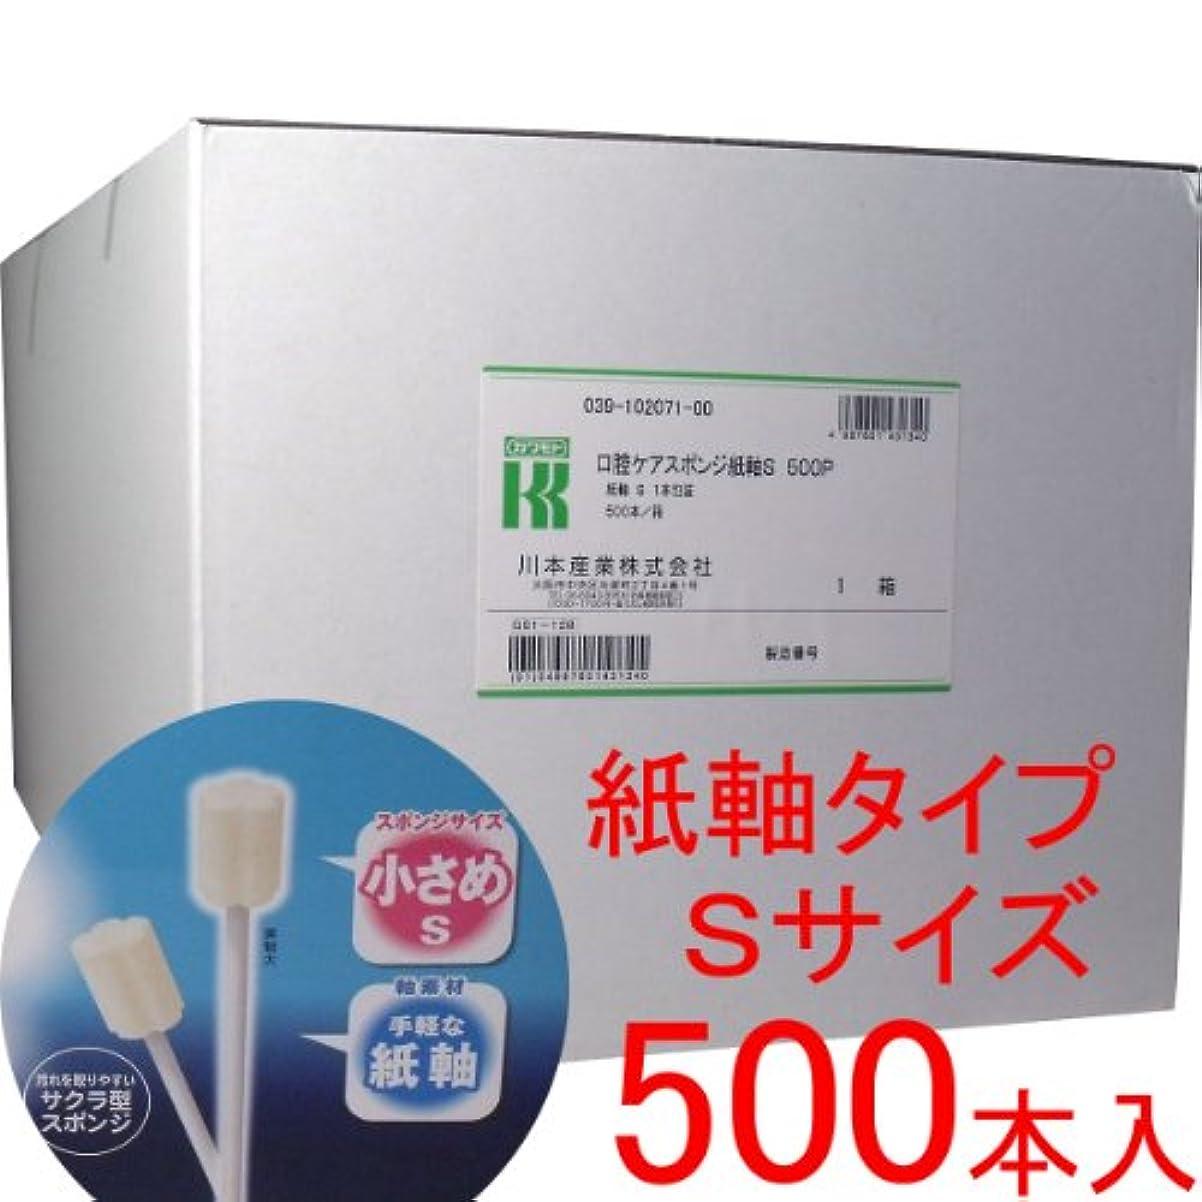 減る精査する麻痺させる業務用マウスピュア 口腔ケアスポンジ 紙軸 Sサイズ 500本入